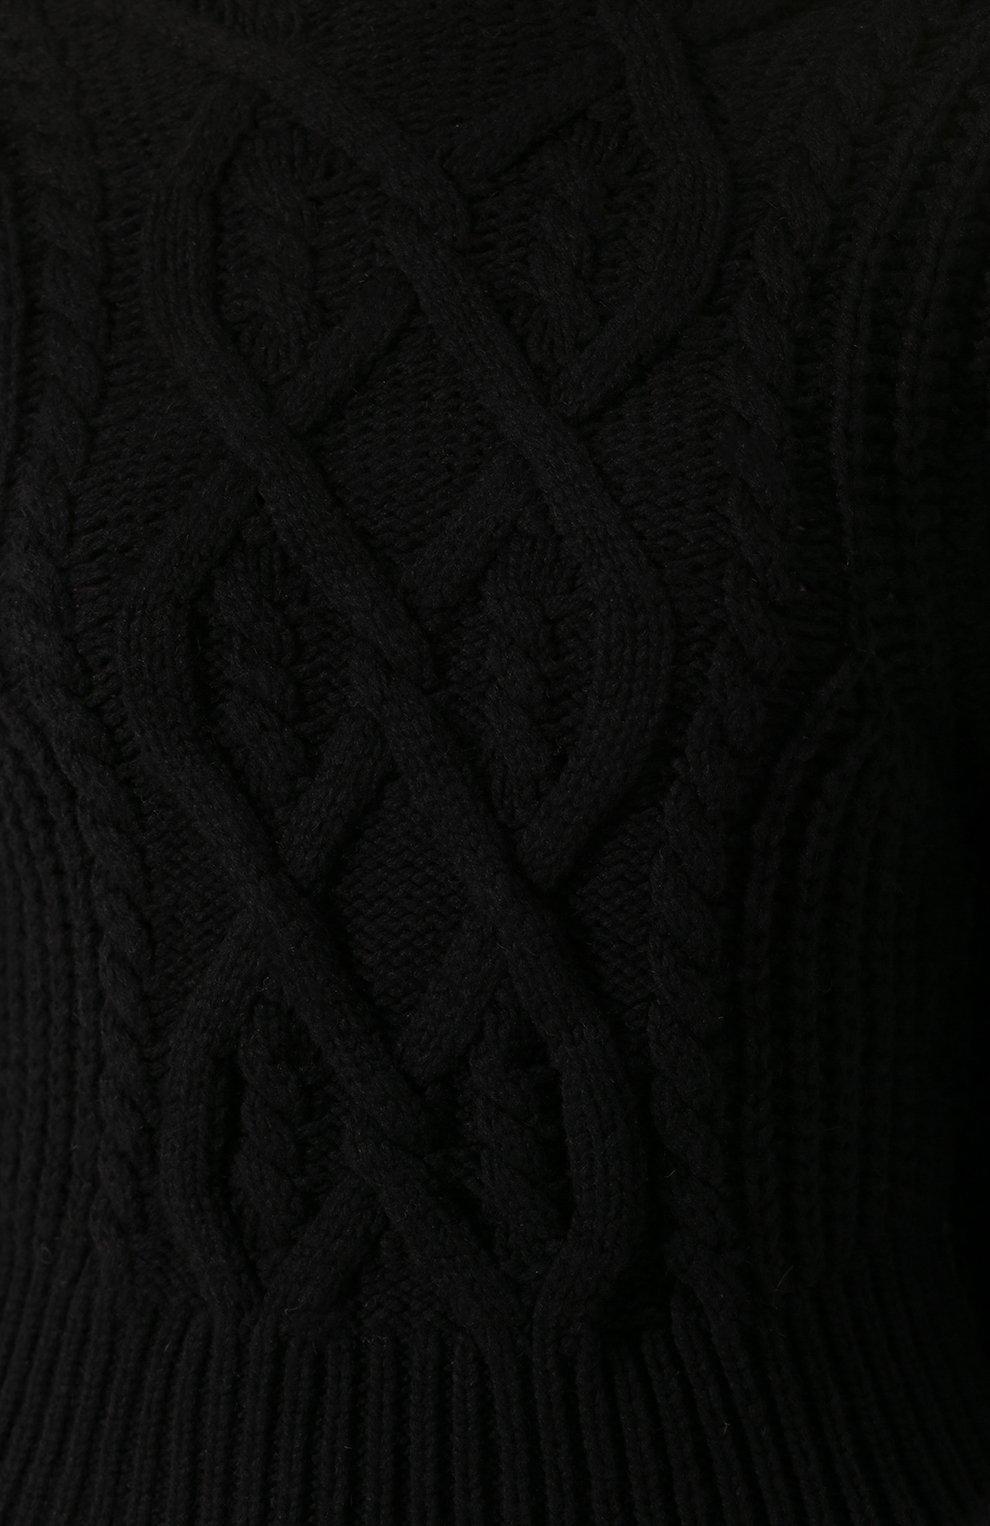 Женский шерстяной свитер WANDERING черного цвета, арт. WGW19903 | Фото 5